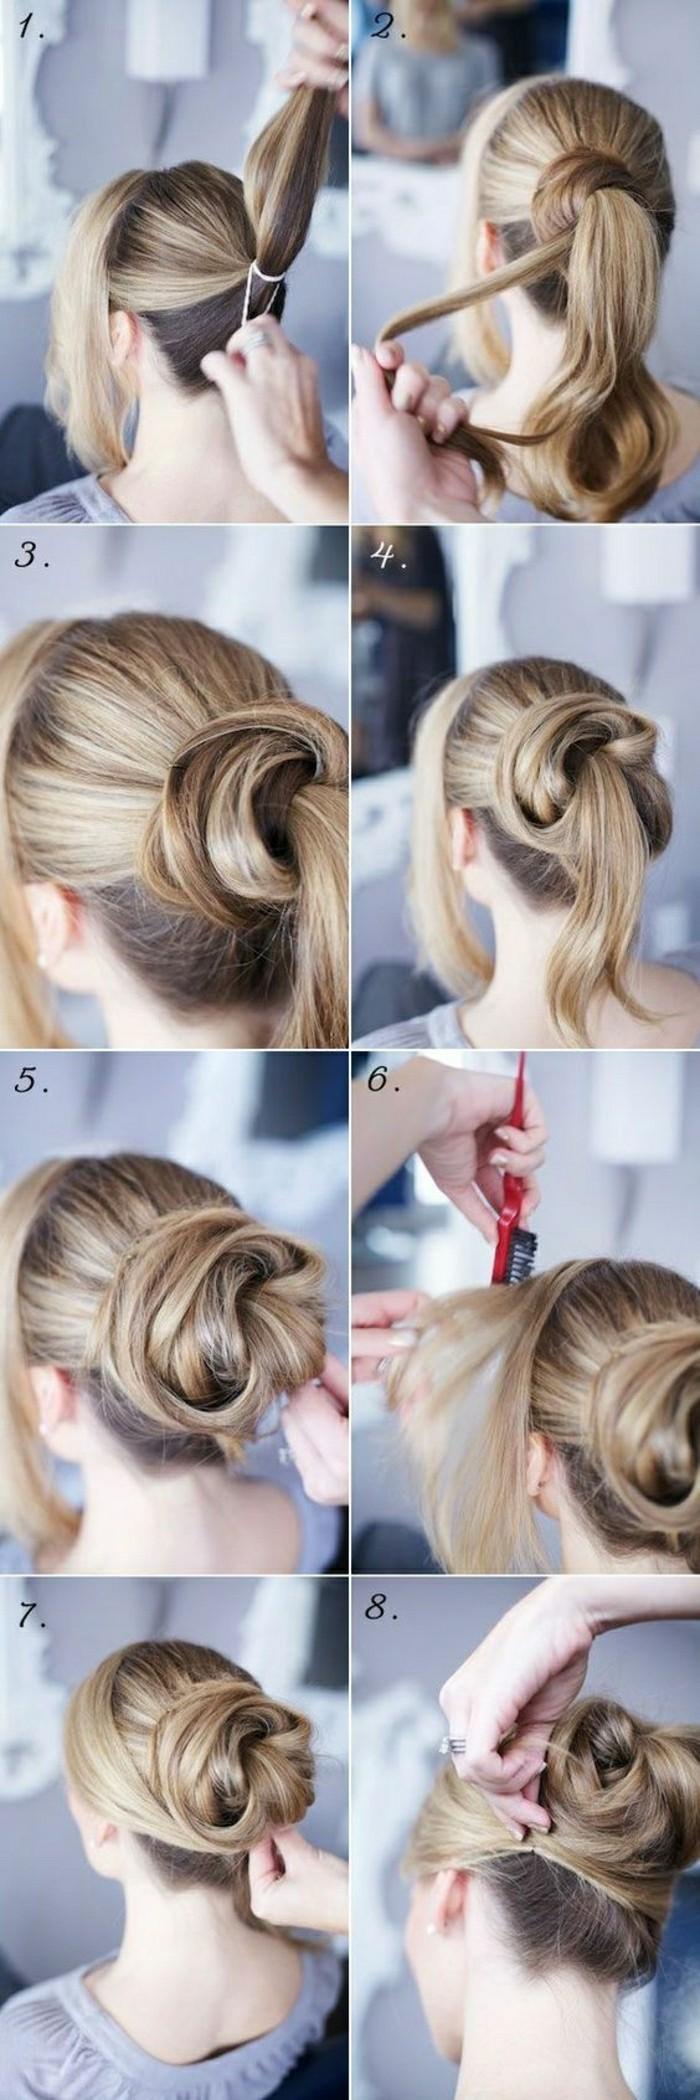 coiffures-faciles-a-faire-vous-memes-cheveux-longs-blonde-fille